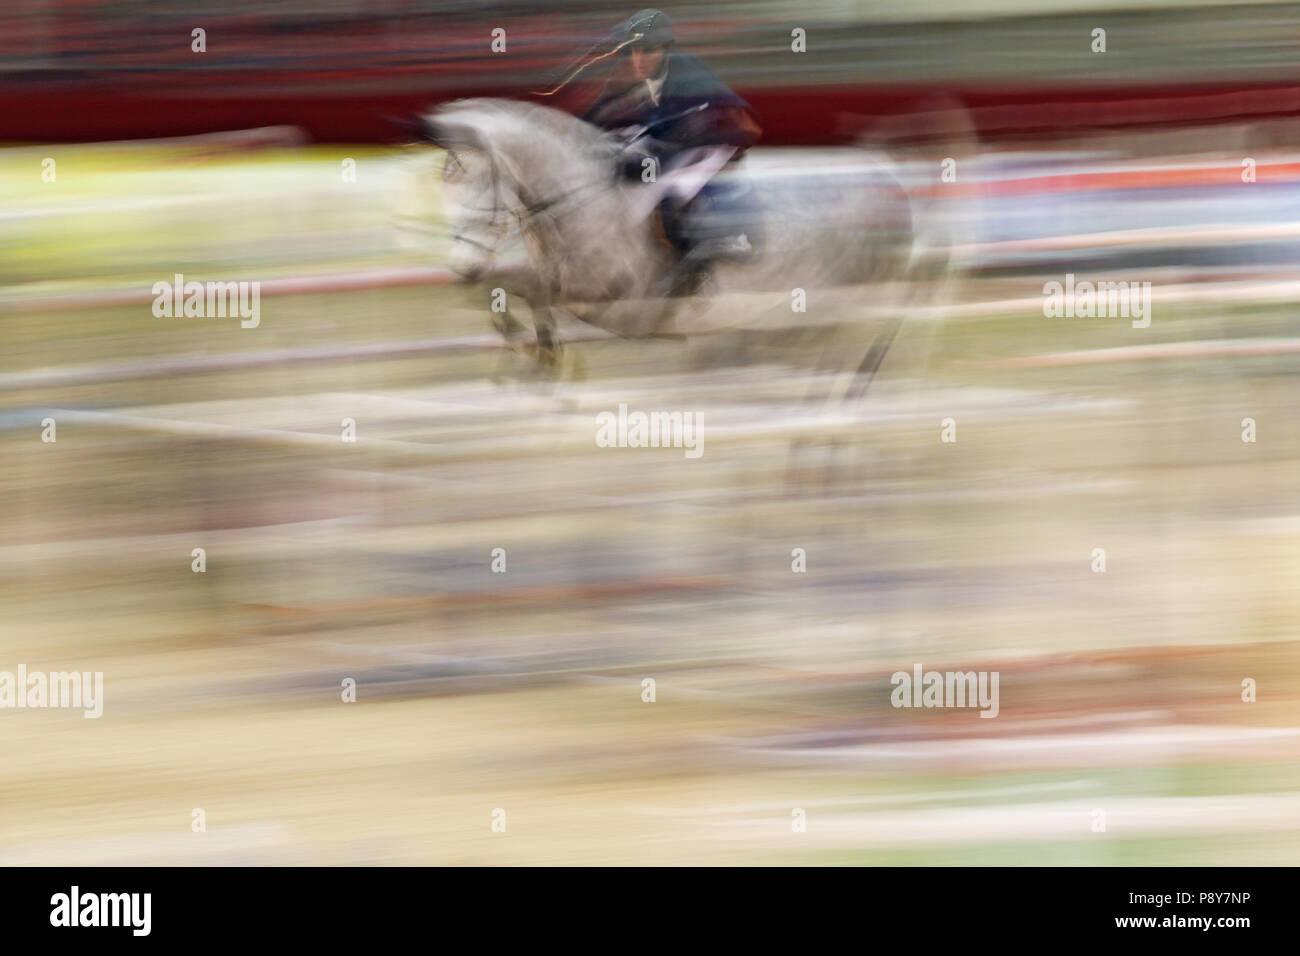 Neustadt (Dosse), dynamics, cavallo e cavaliere jumping show jumping su un oxer Immagini Stock